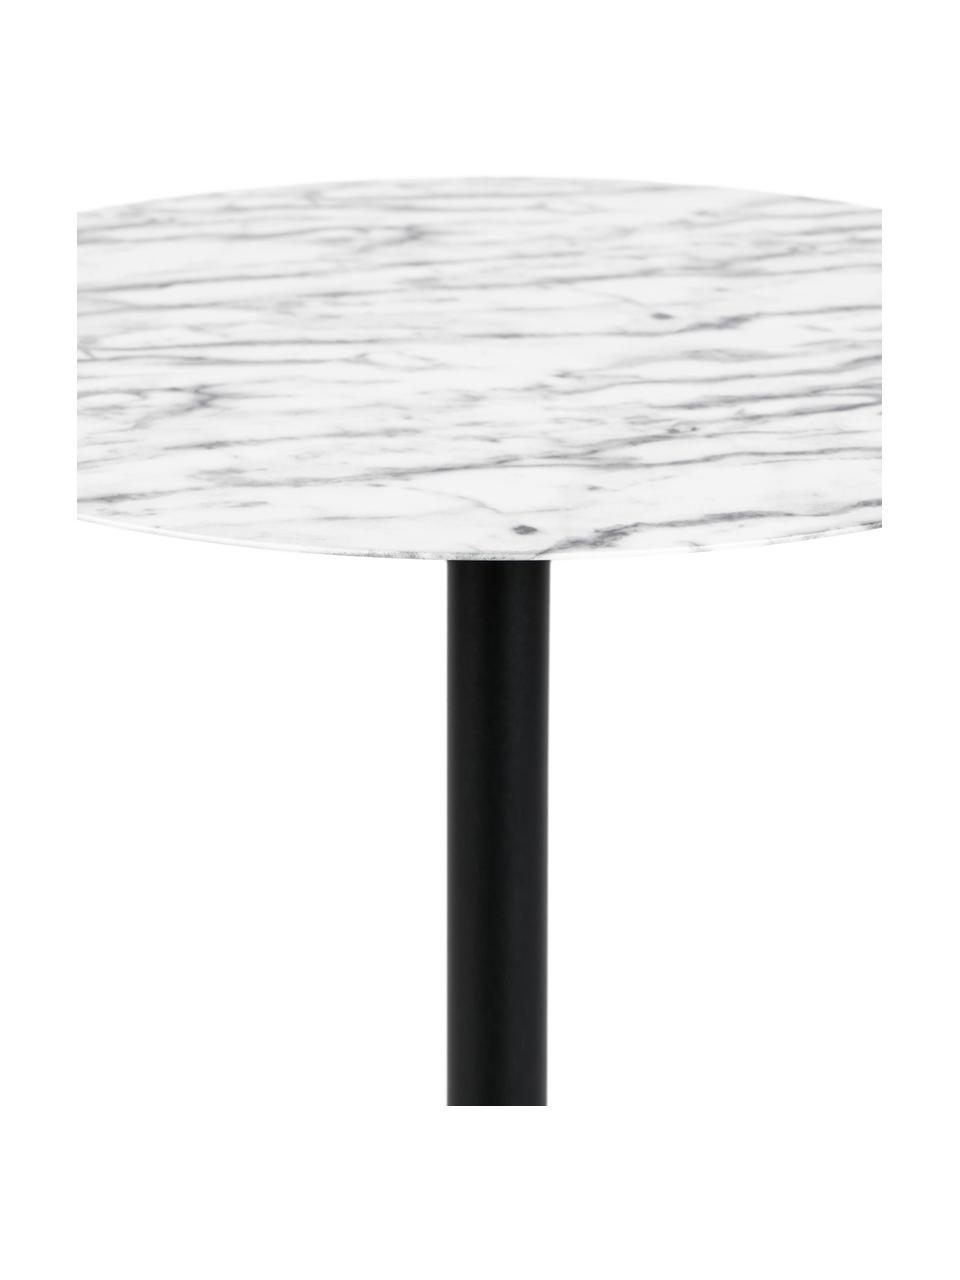 Runder Bistrotisch Snow in Marmoroptik, Ø 57 cm, Tischplatte: Metall, foliert, Gestell: Metall, pulverbeschichtet, Weiß in Marmor-Optik, Ø 57 x H 75 cm